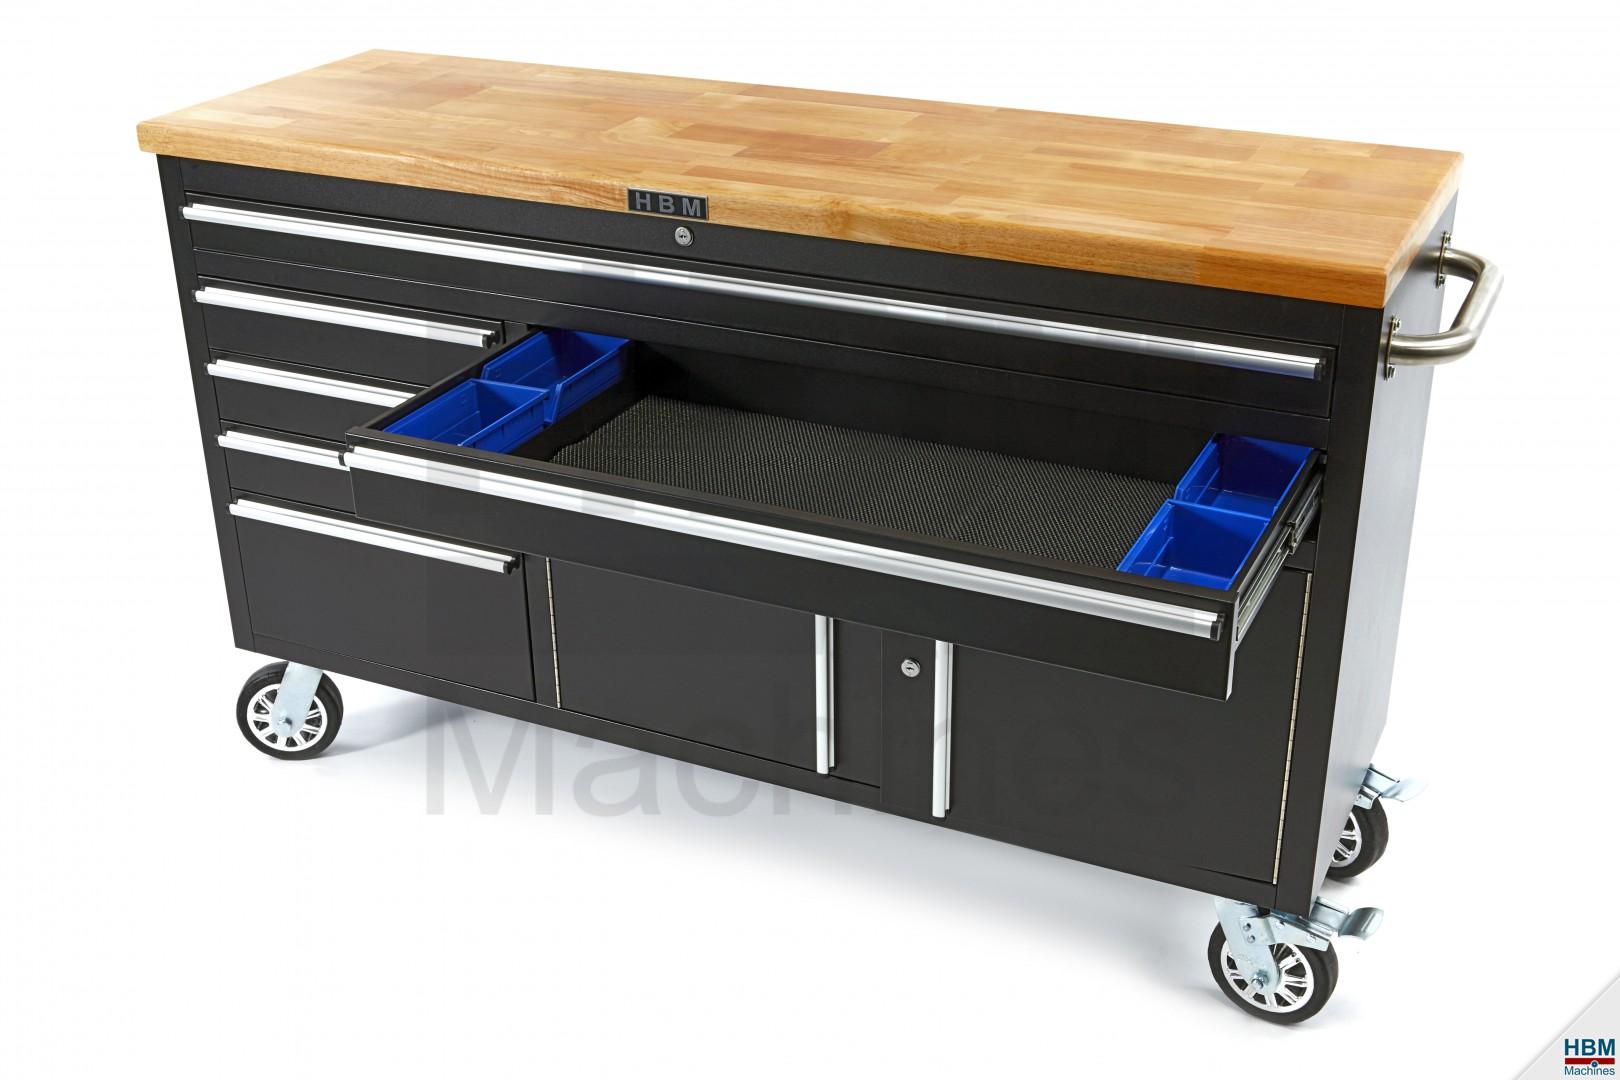 hbm 152 cm professionele gereedschapswagen werkbank met houten blad zwart. Black Bedroom Furniture Sets. Home Design Ideas